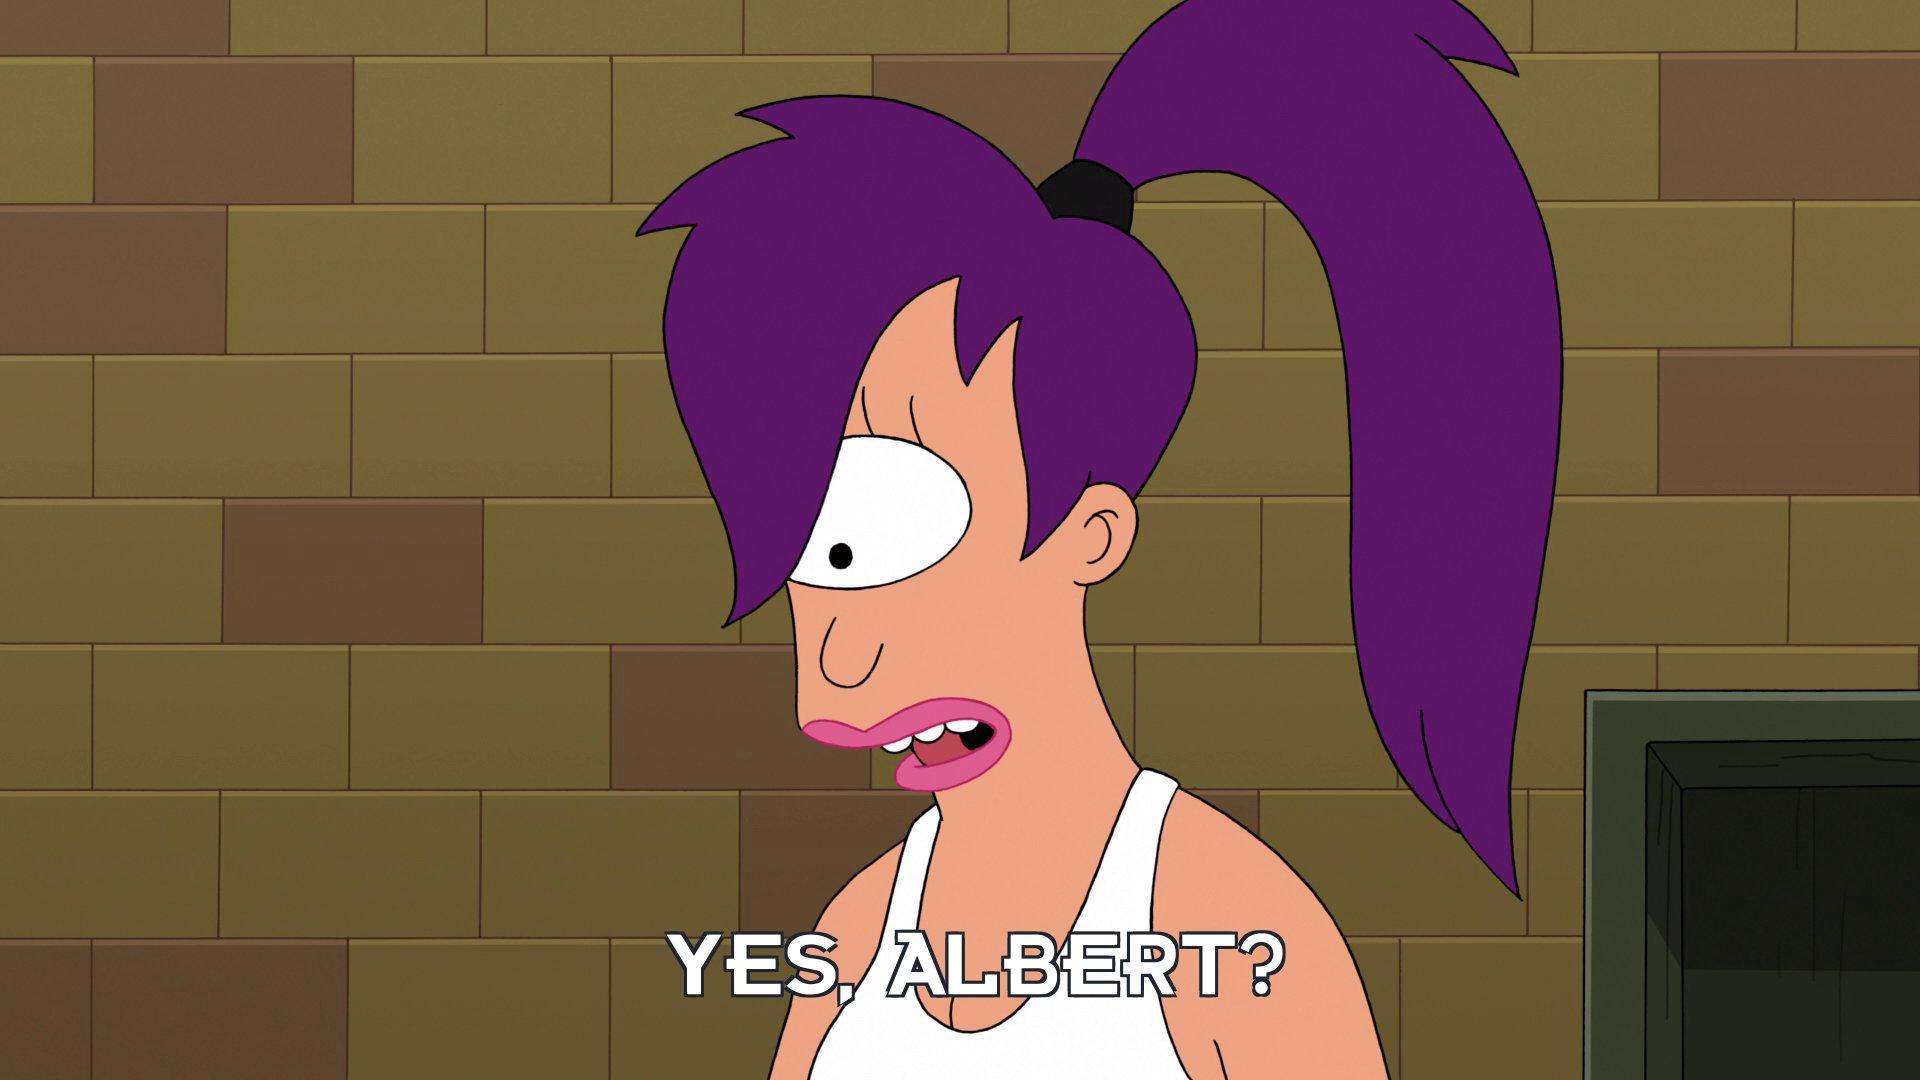 Turanga Leela: Yes, Albert?